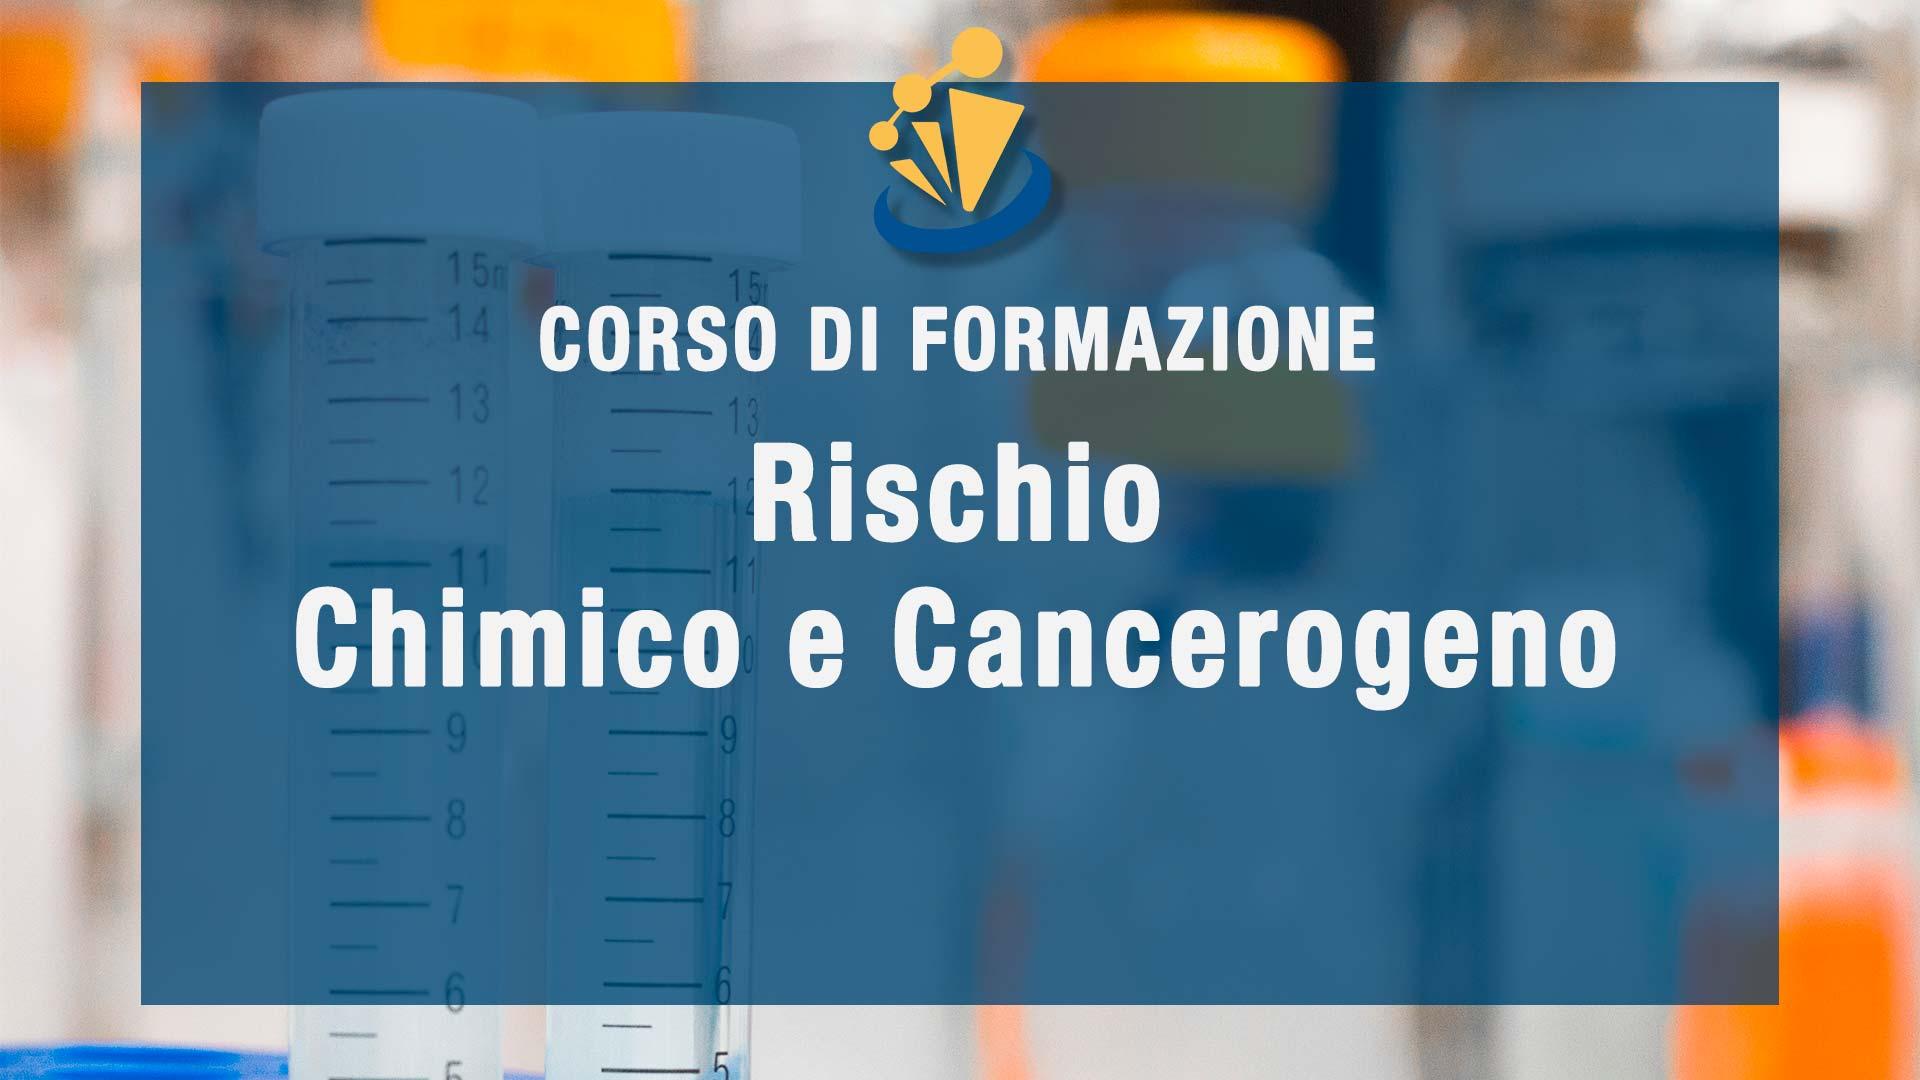 Formazione per rischio Chimico e Cancerogeno